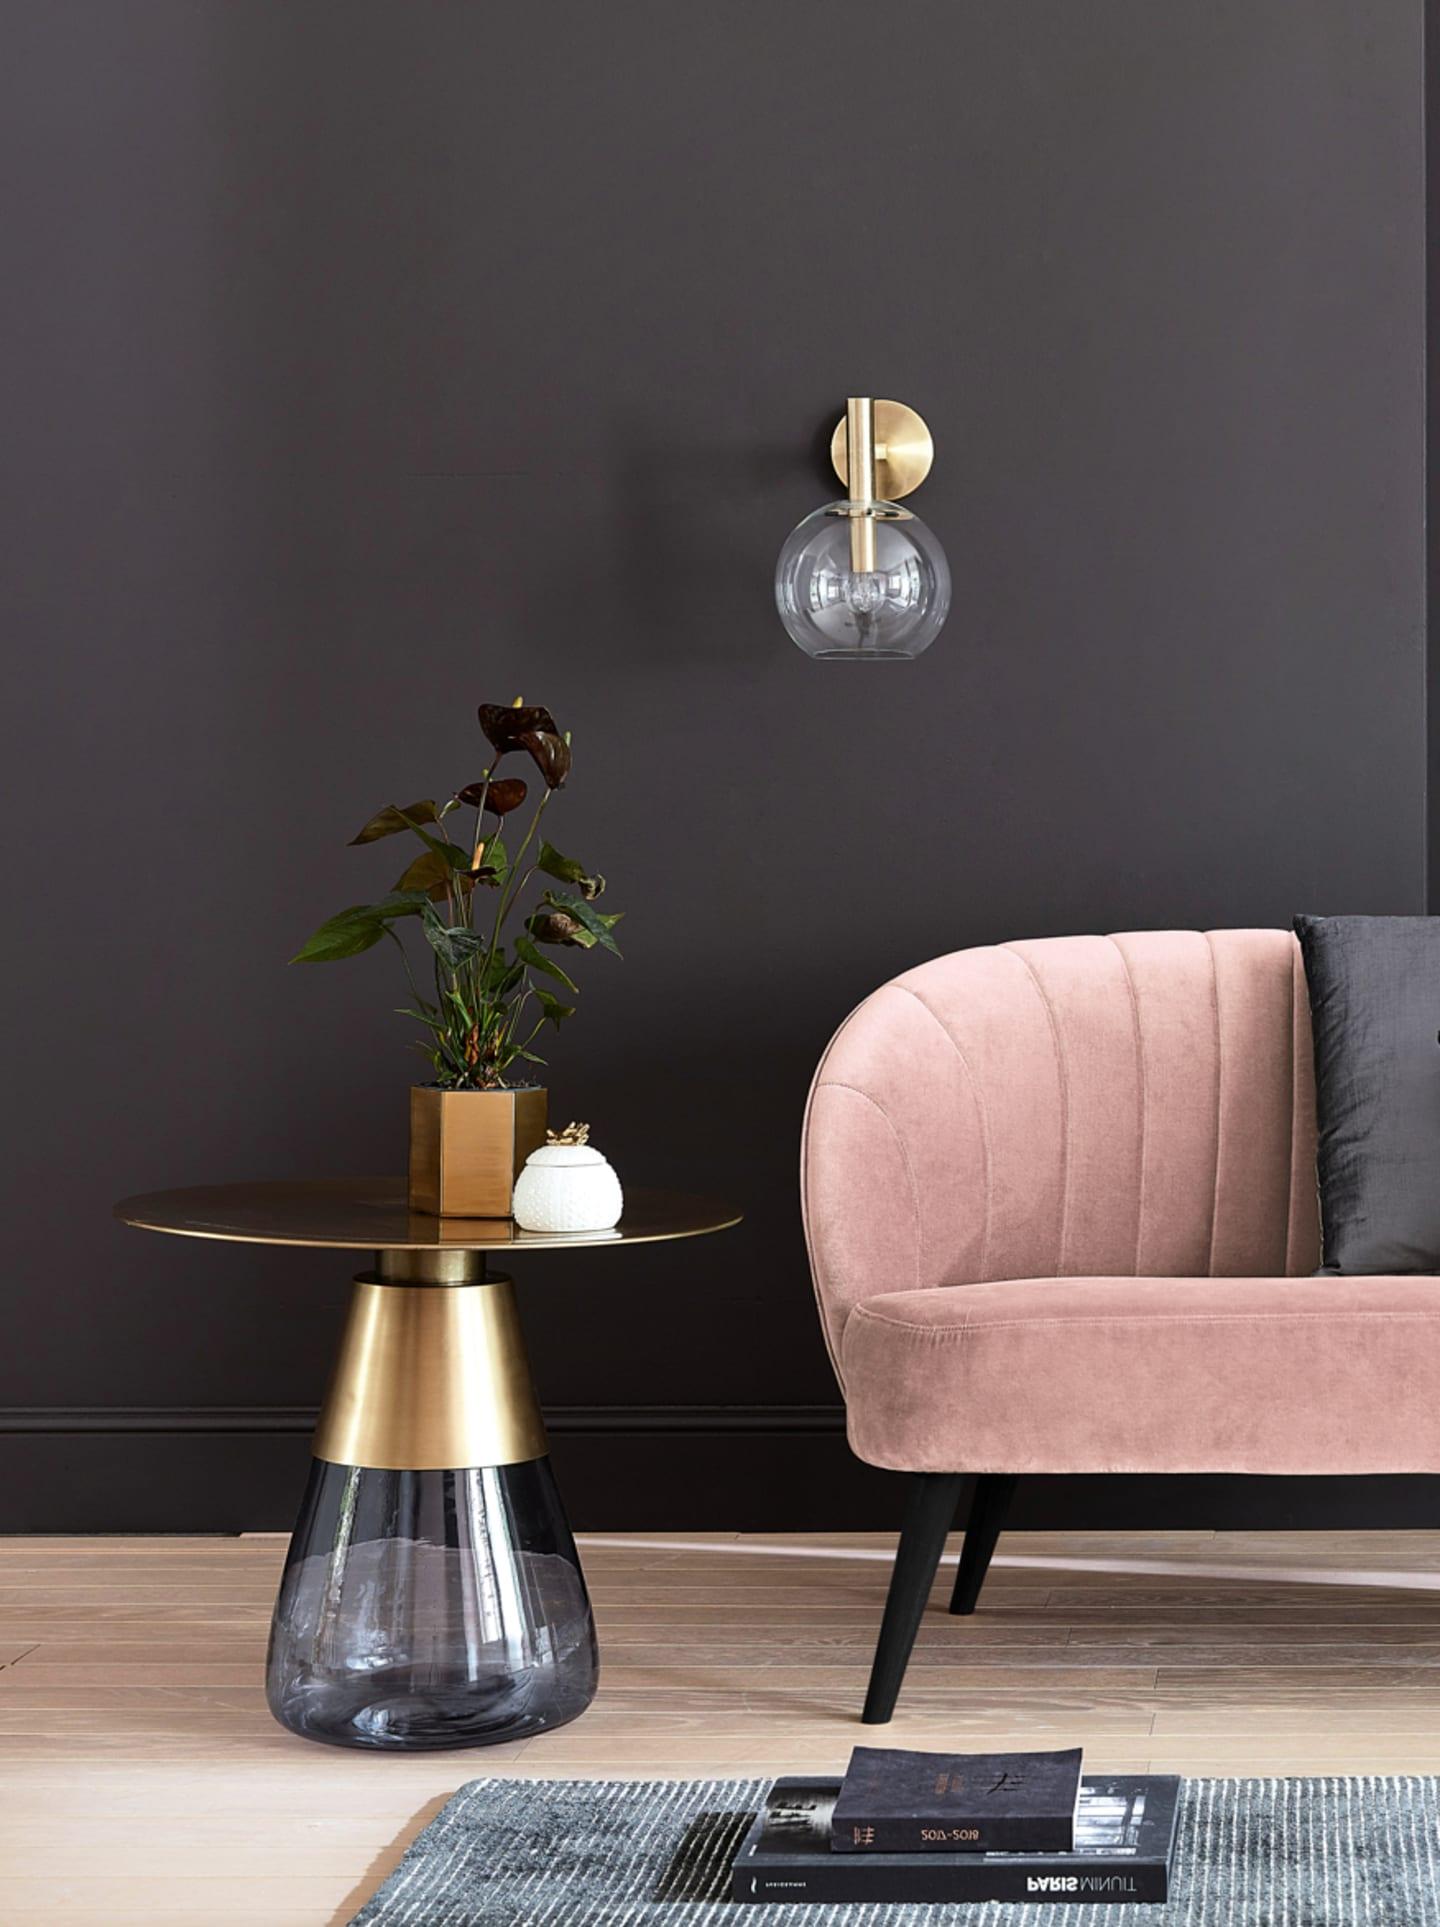 meubles et mobilier d interieur 2019